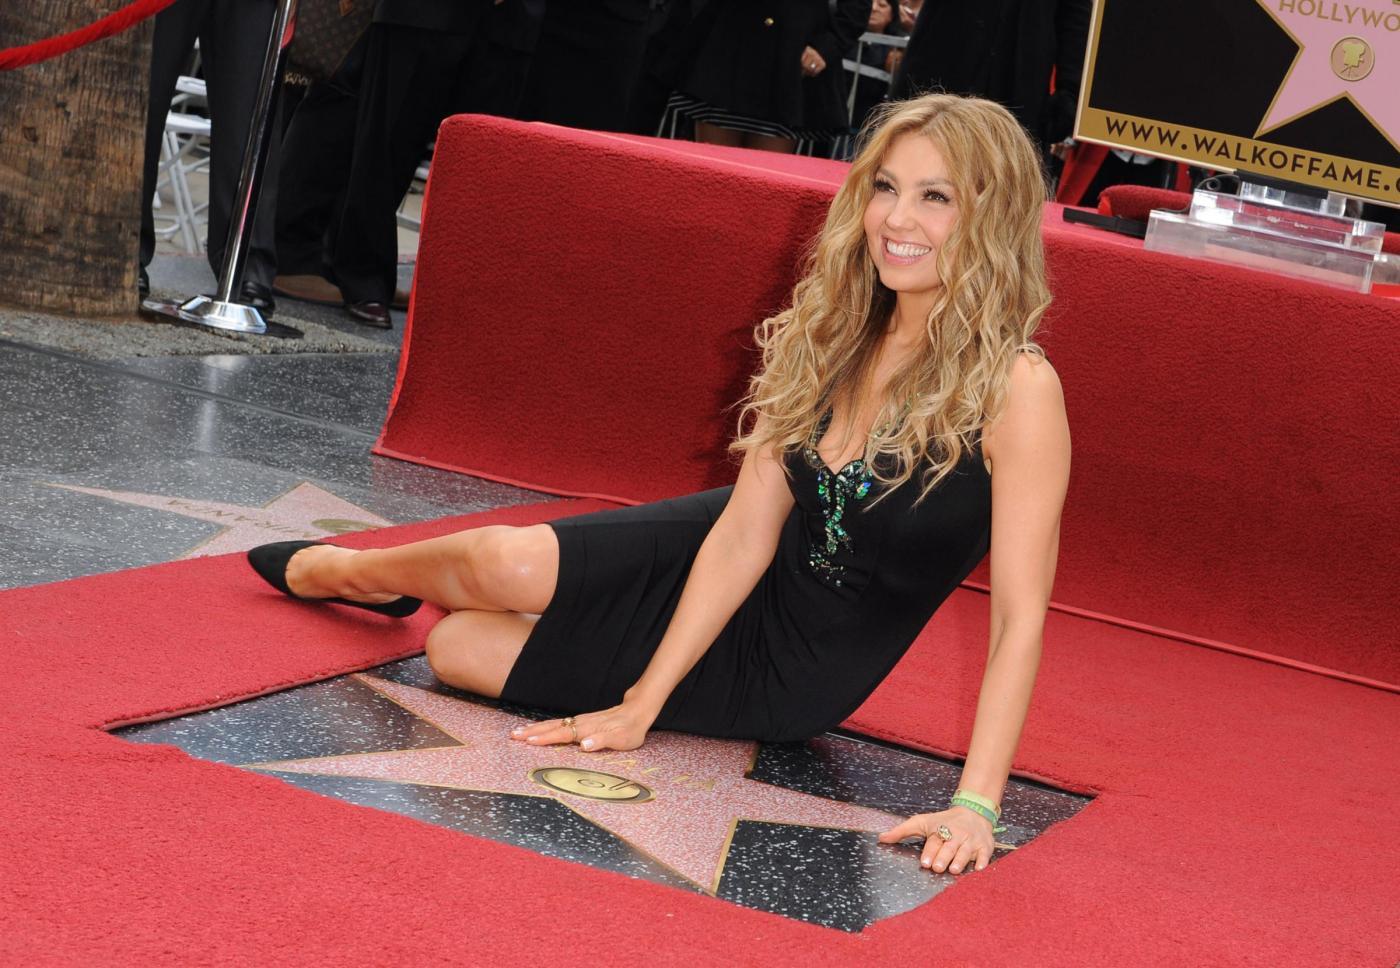 Thalìa, stella sulla Hollywood Walk of Fame per la regina del pop messicano 02